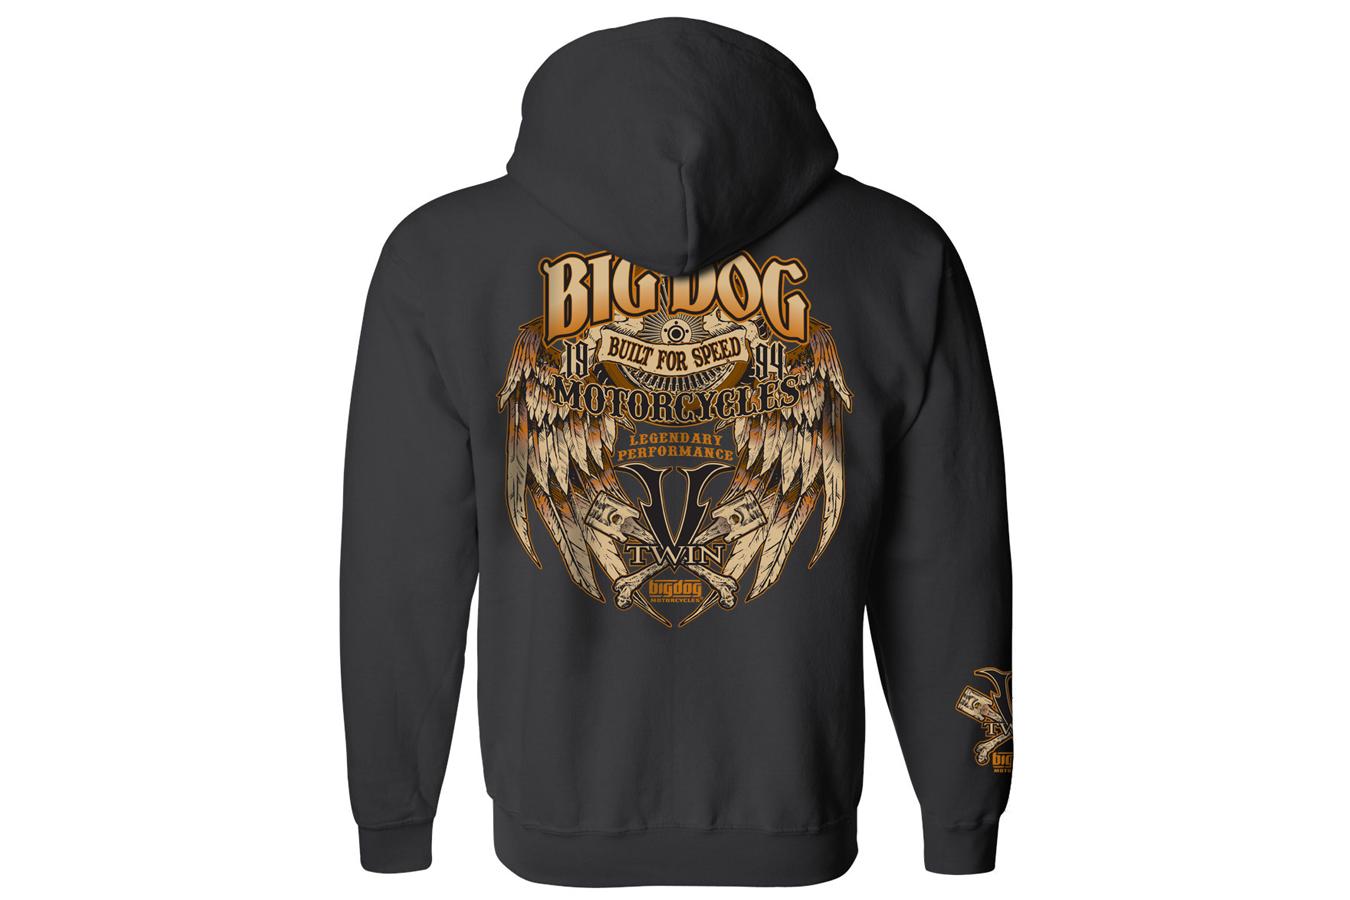 medium resolution of big dog motorcycles built for speed full zip hoodie black 54 95 58 95